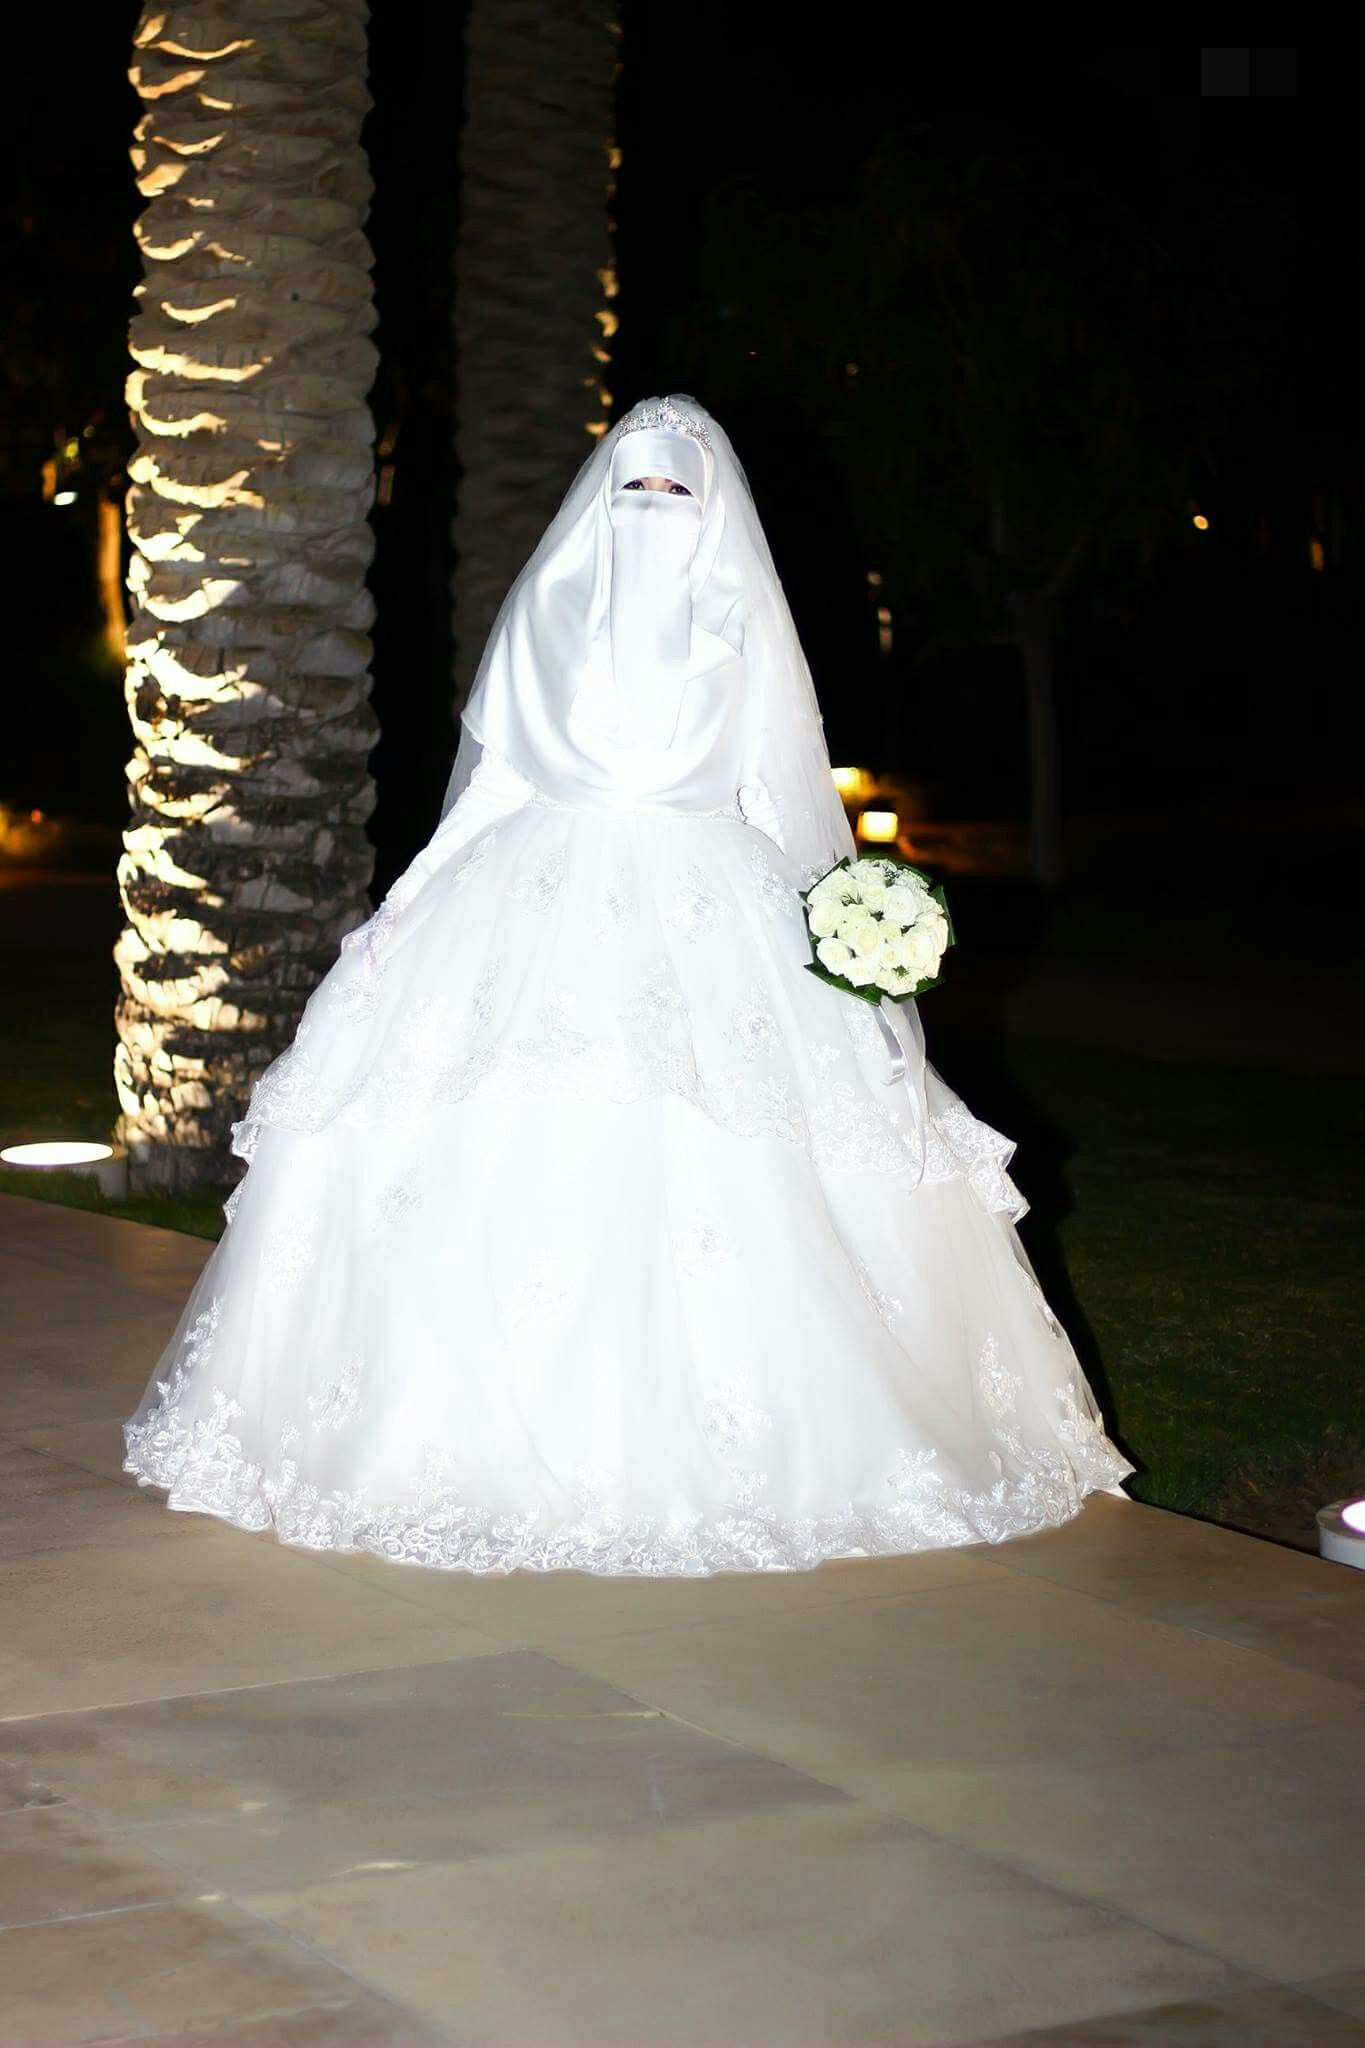 Niqab Bride | Bedouin Arab Wedding | Pinterest | Träumerei